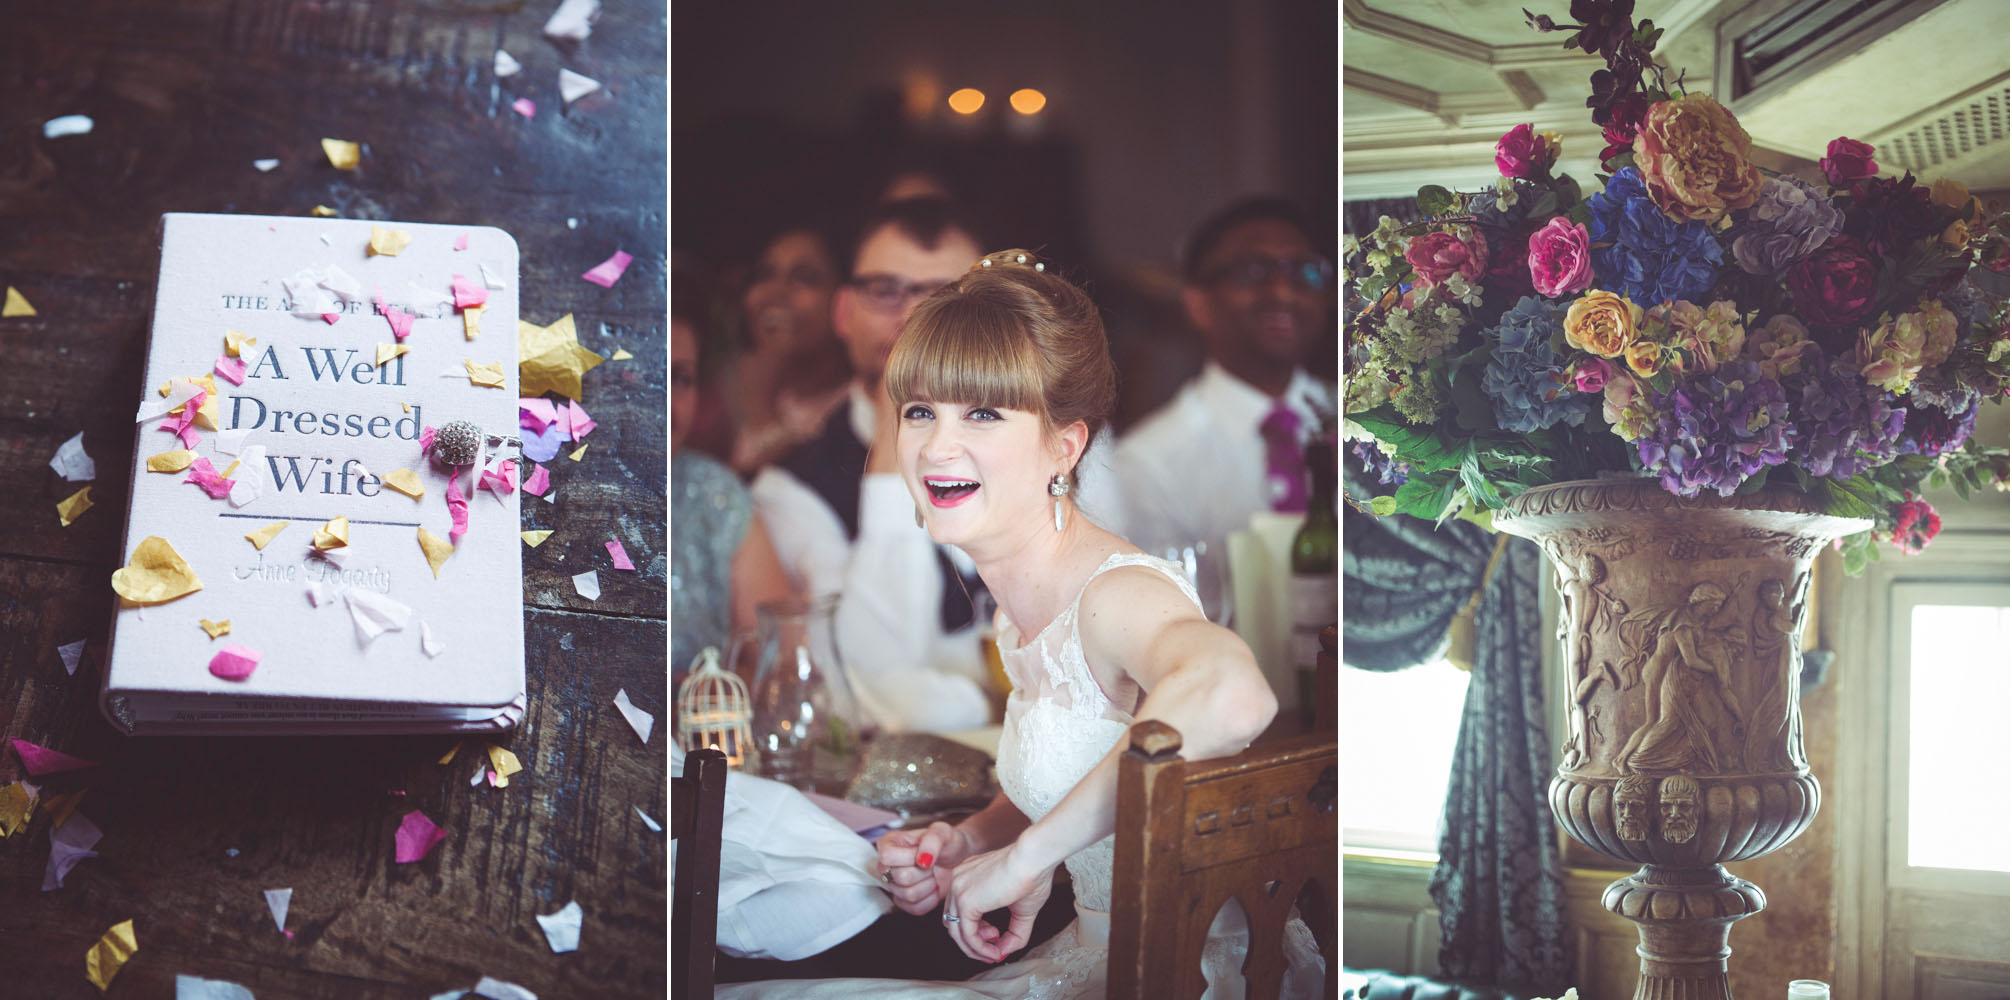 Top table photos